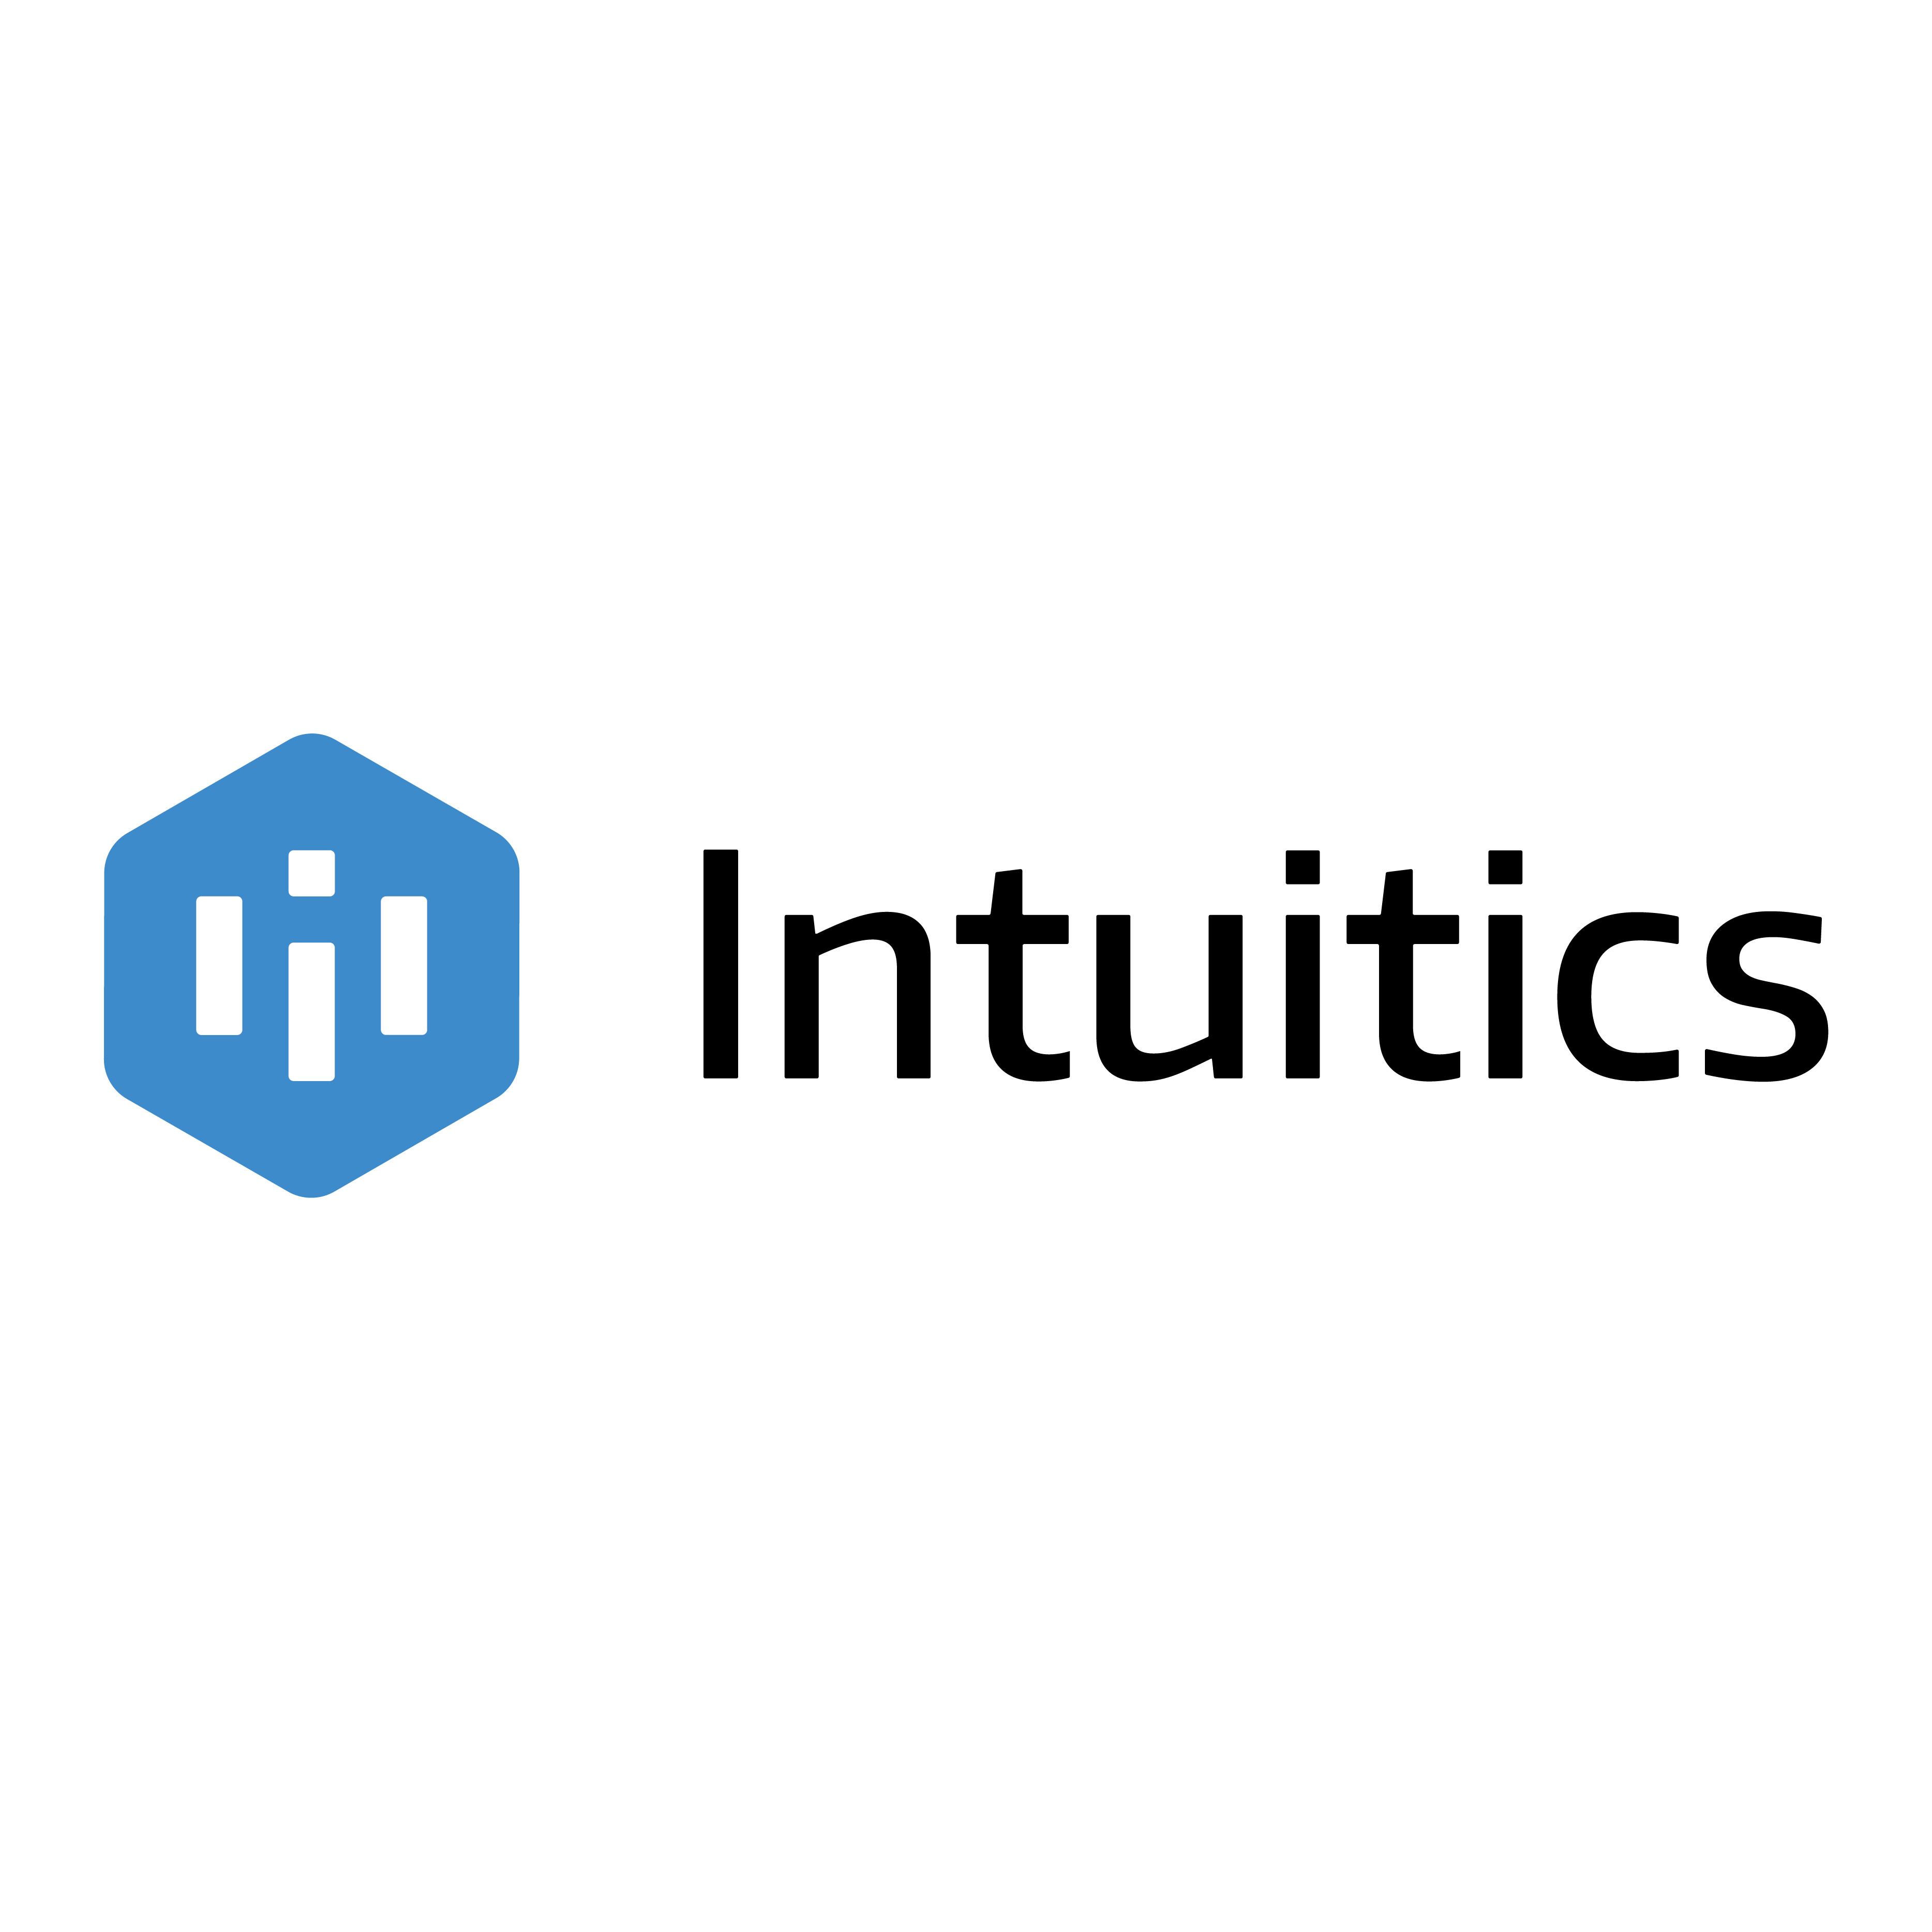 Intuitics